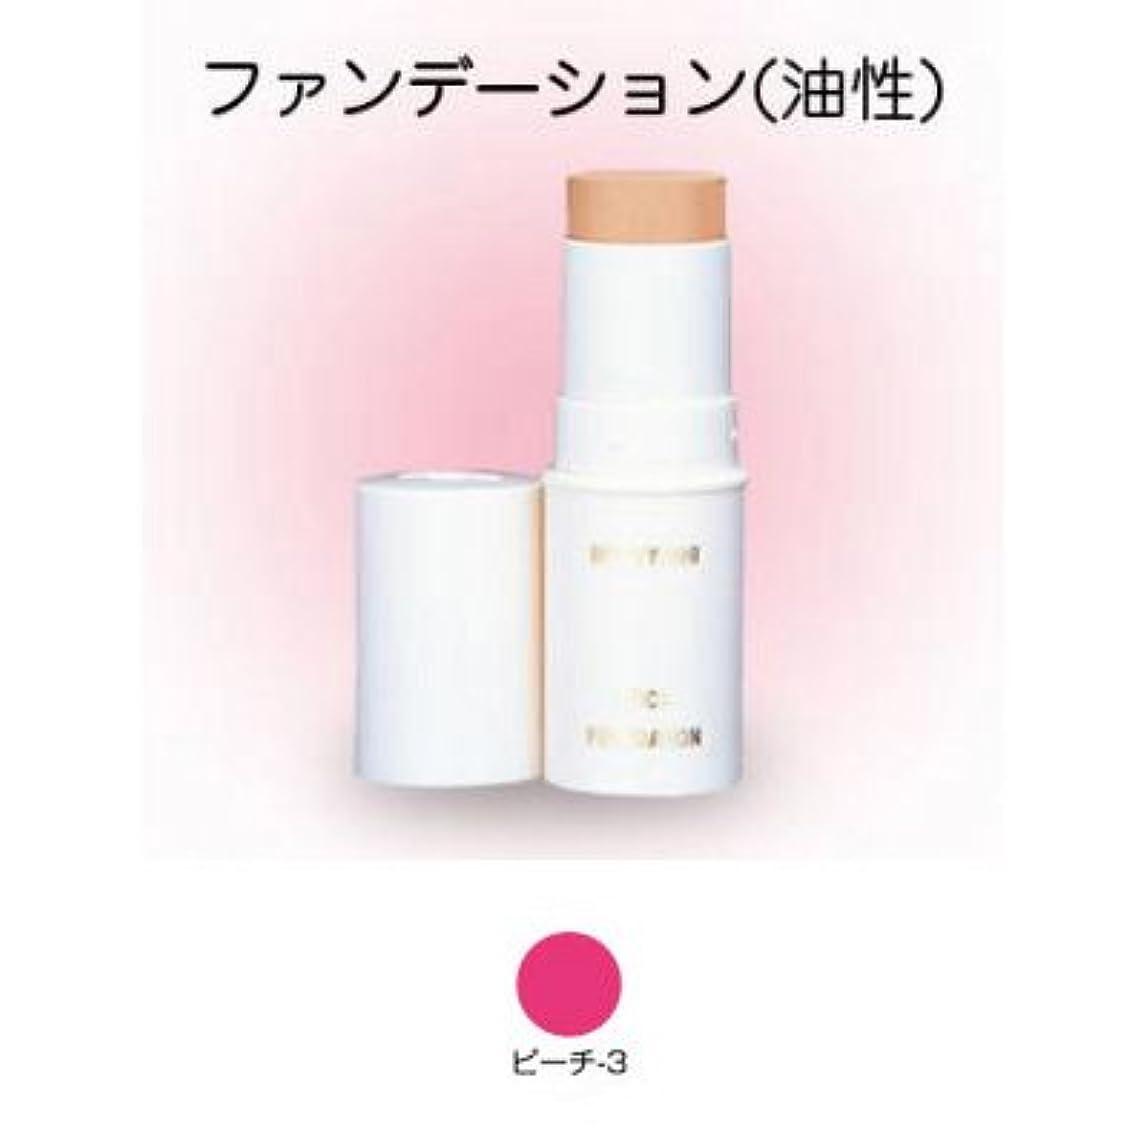 意図するネブ事スティックファンデーション 16g ピーチ-3 【三善】